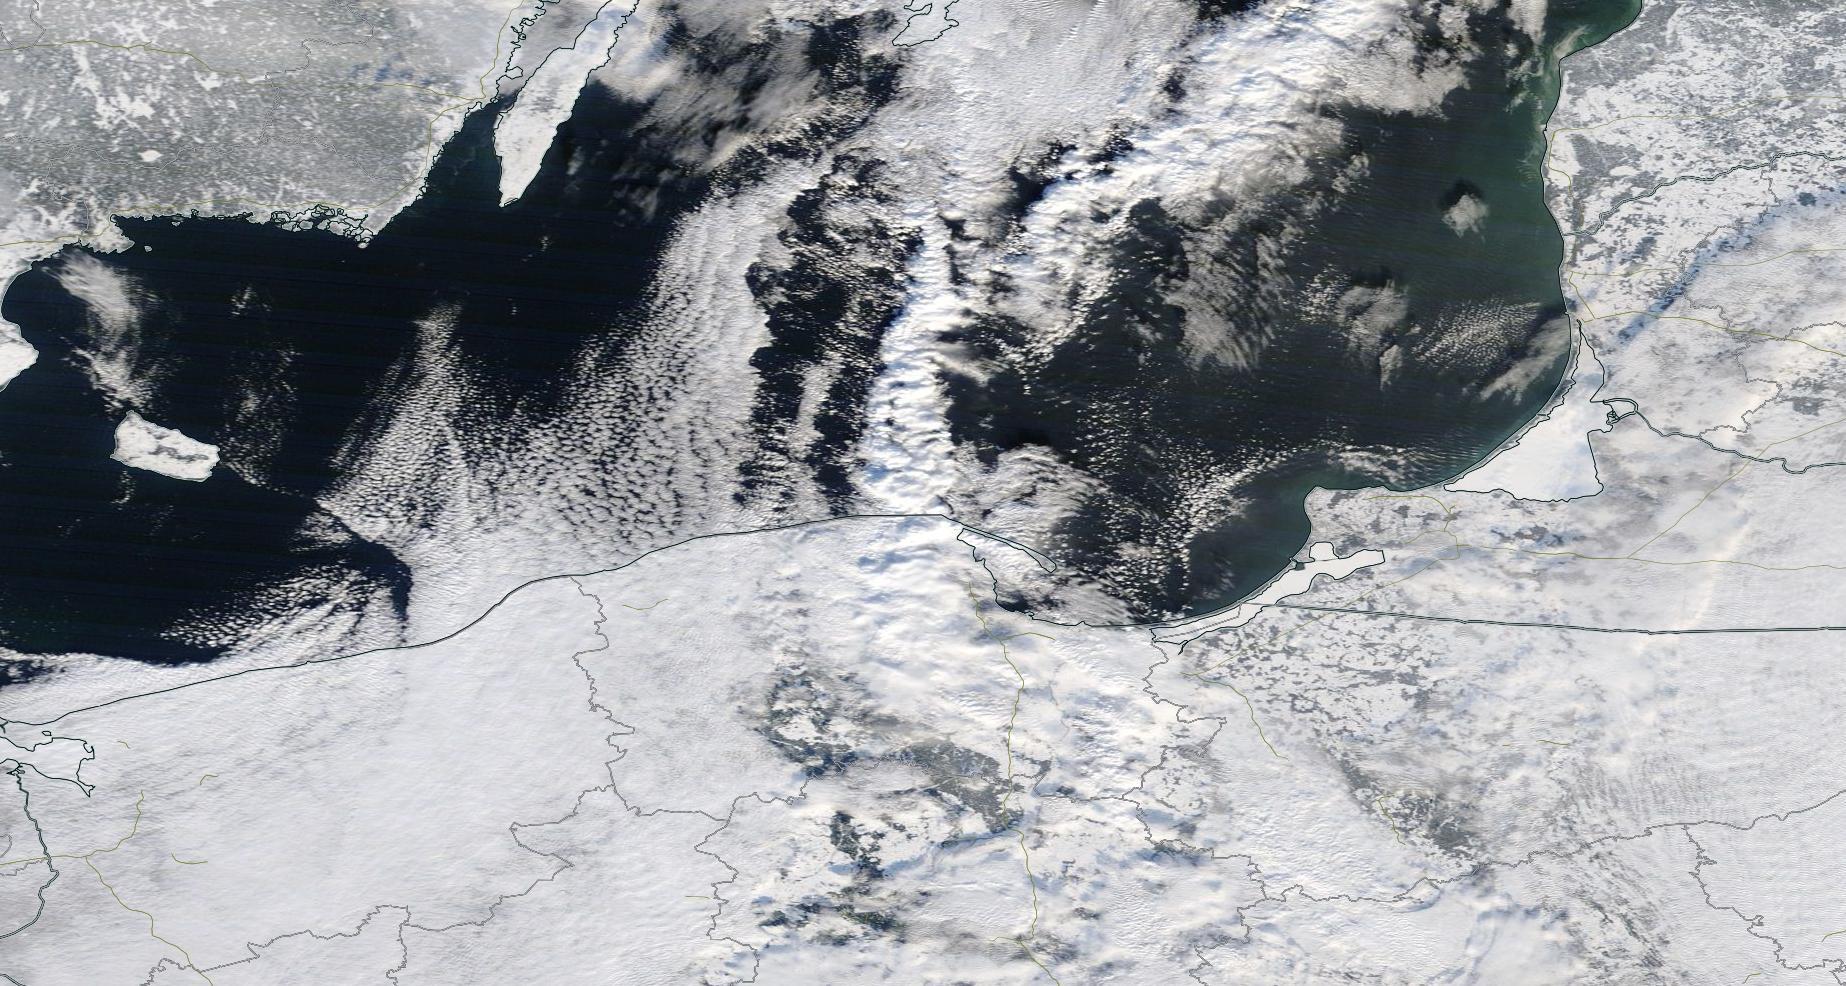 """Obraz satelitarny """"efektu jeziora"""" w postaci pojedynczej ścieżki 21 stycznia 2016 r. nad Morzem Bałtyckim. Źródło: NASA Worldview"""